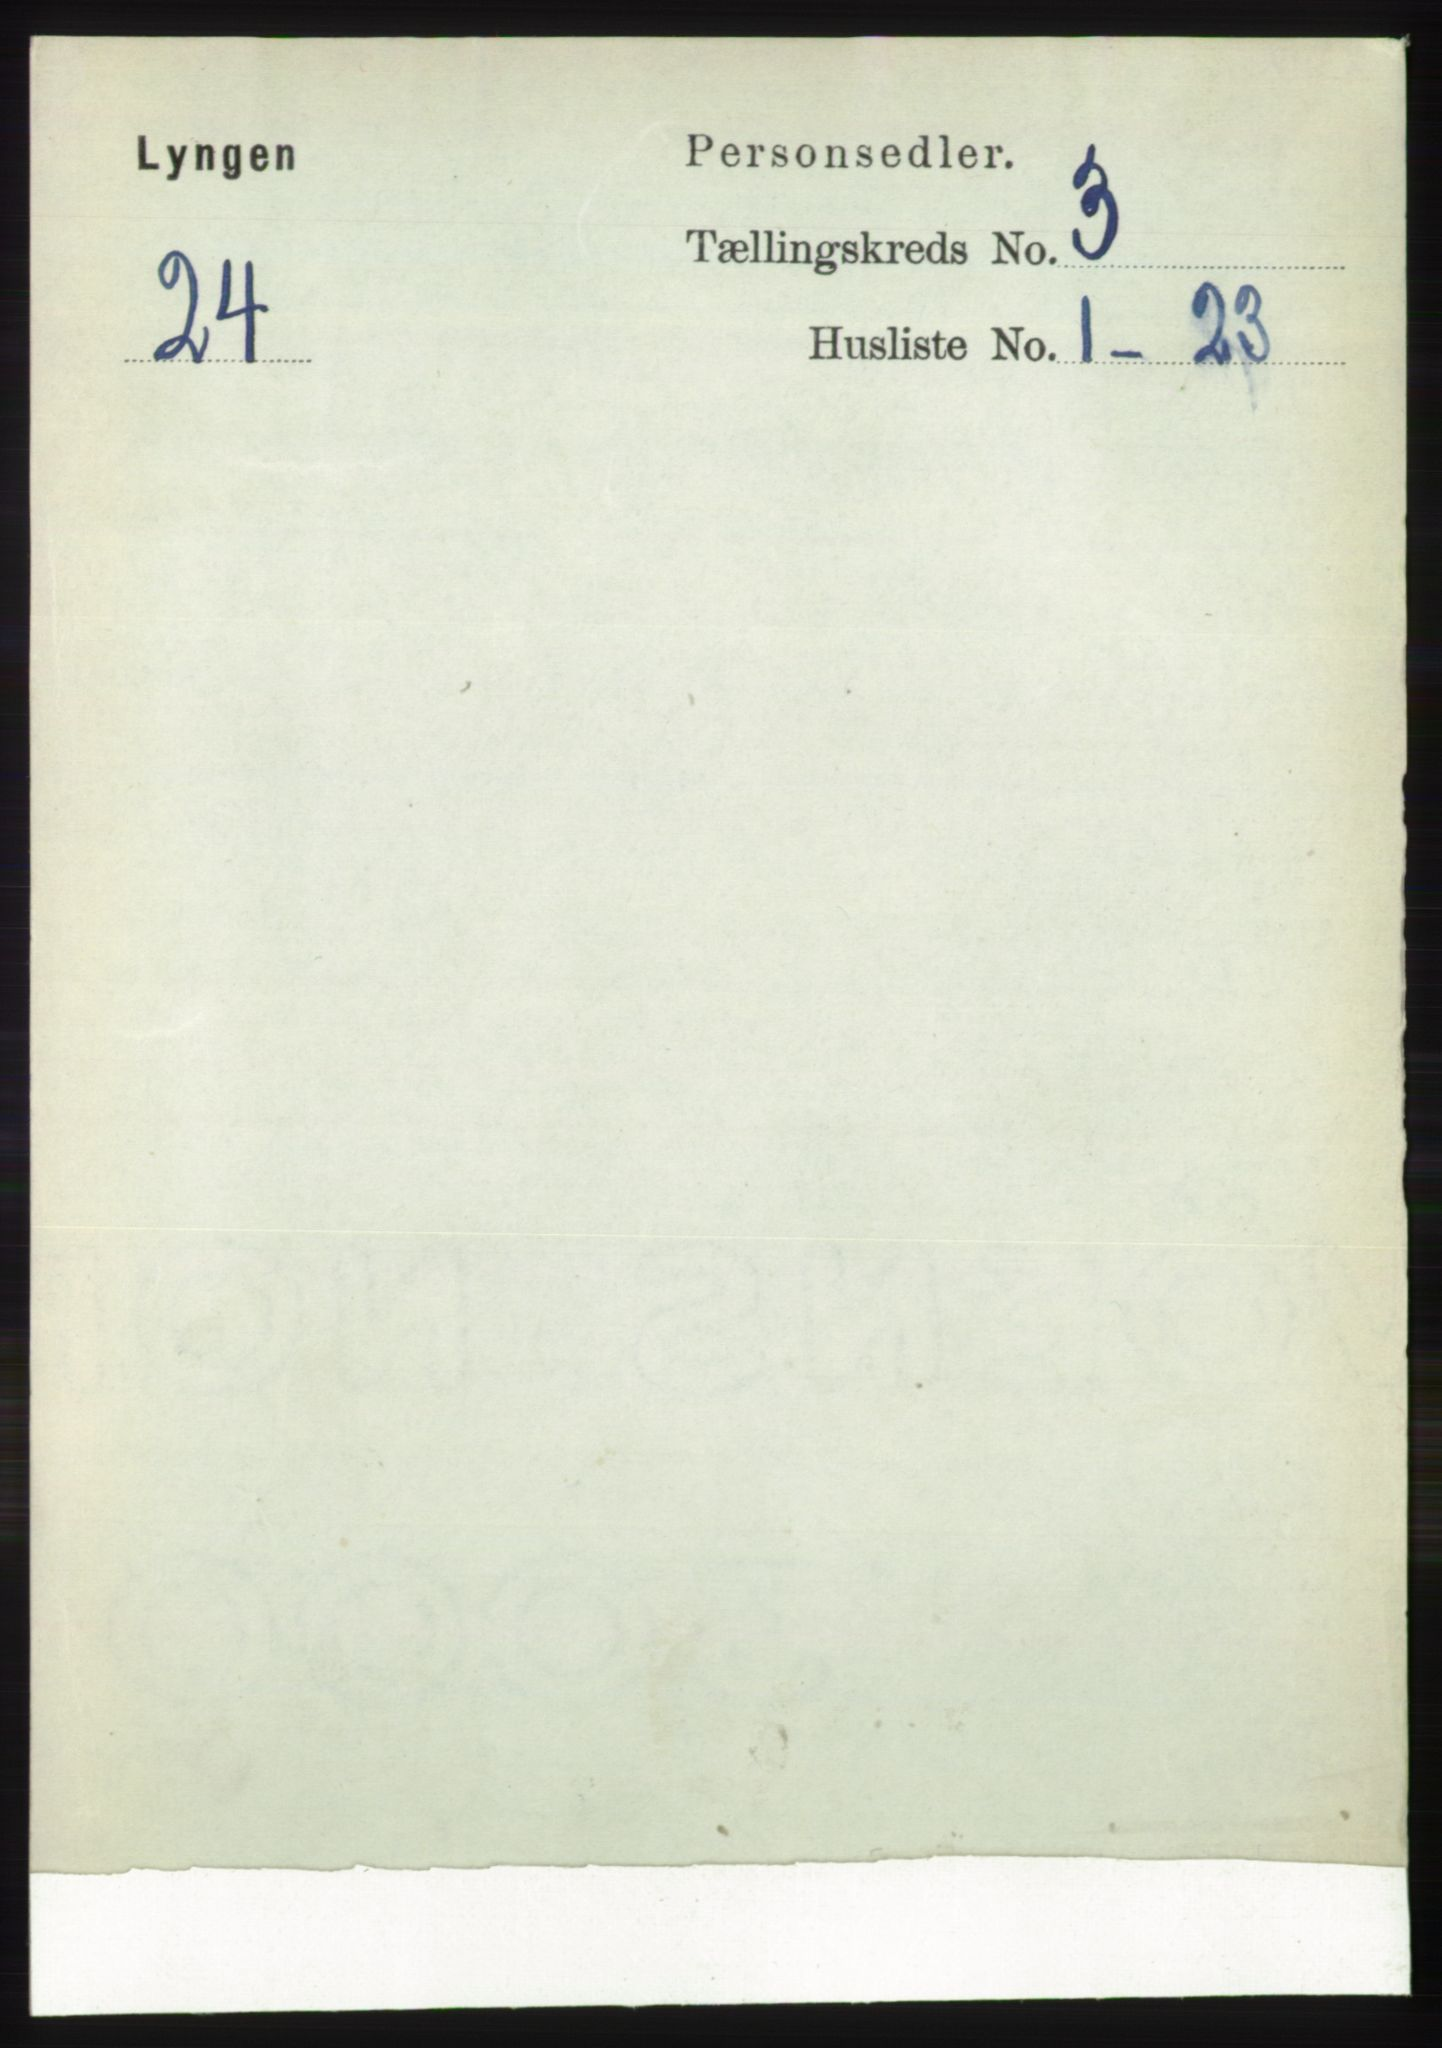 RA, Folketelling 1891 for 1938 Lyngen herred, 1891, s. 3136